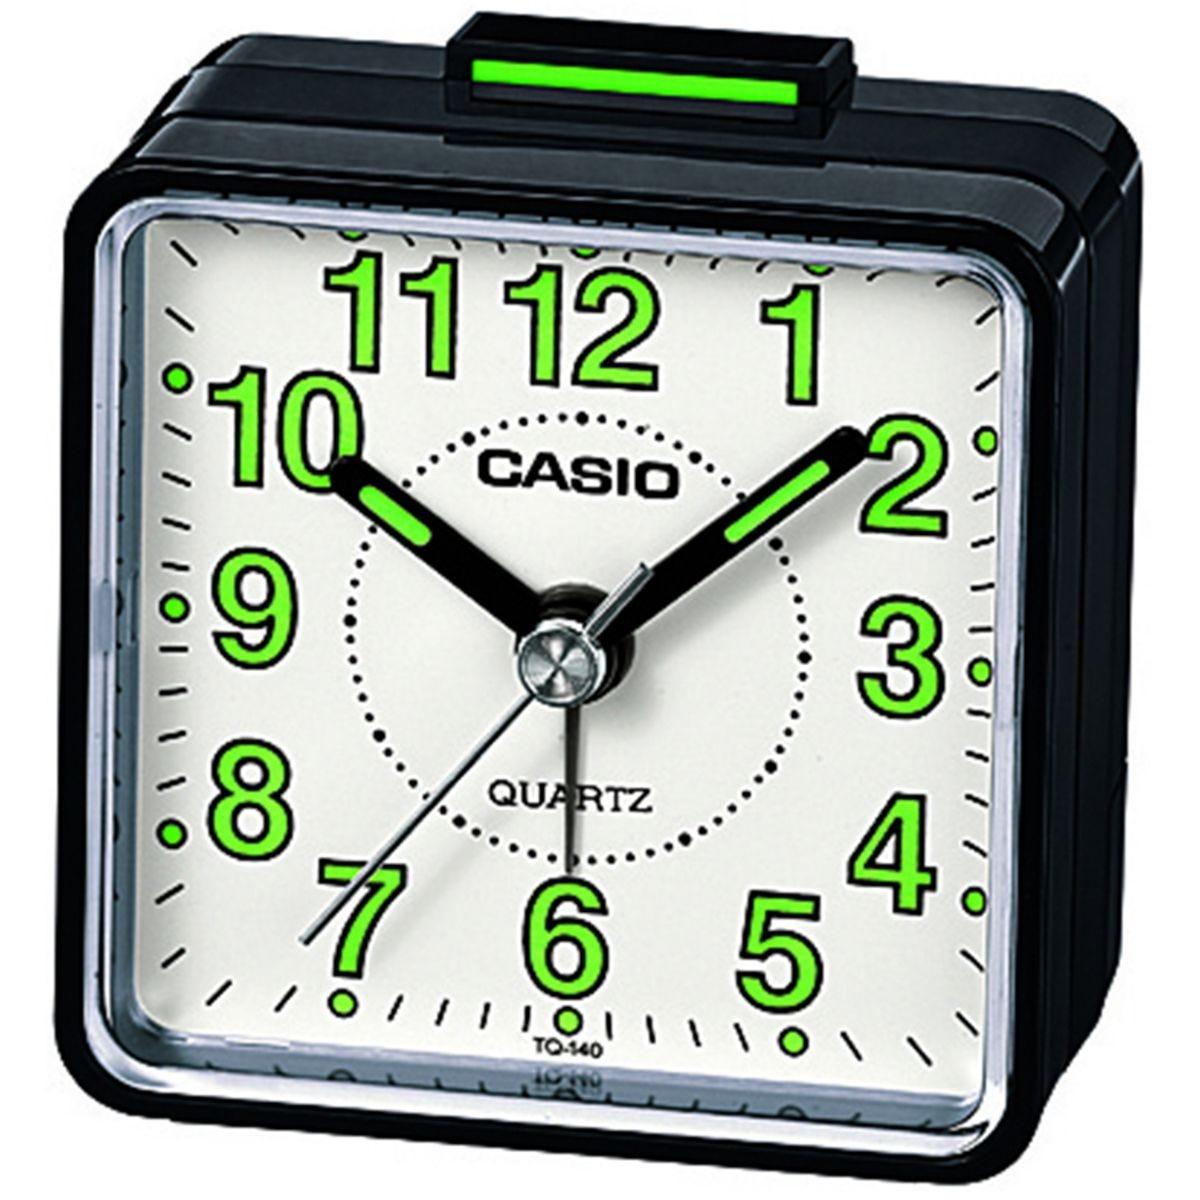 Casio Square Beep Alarm Clock - Black/Green